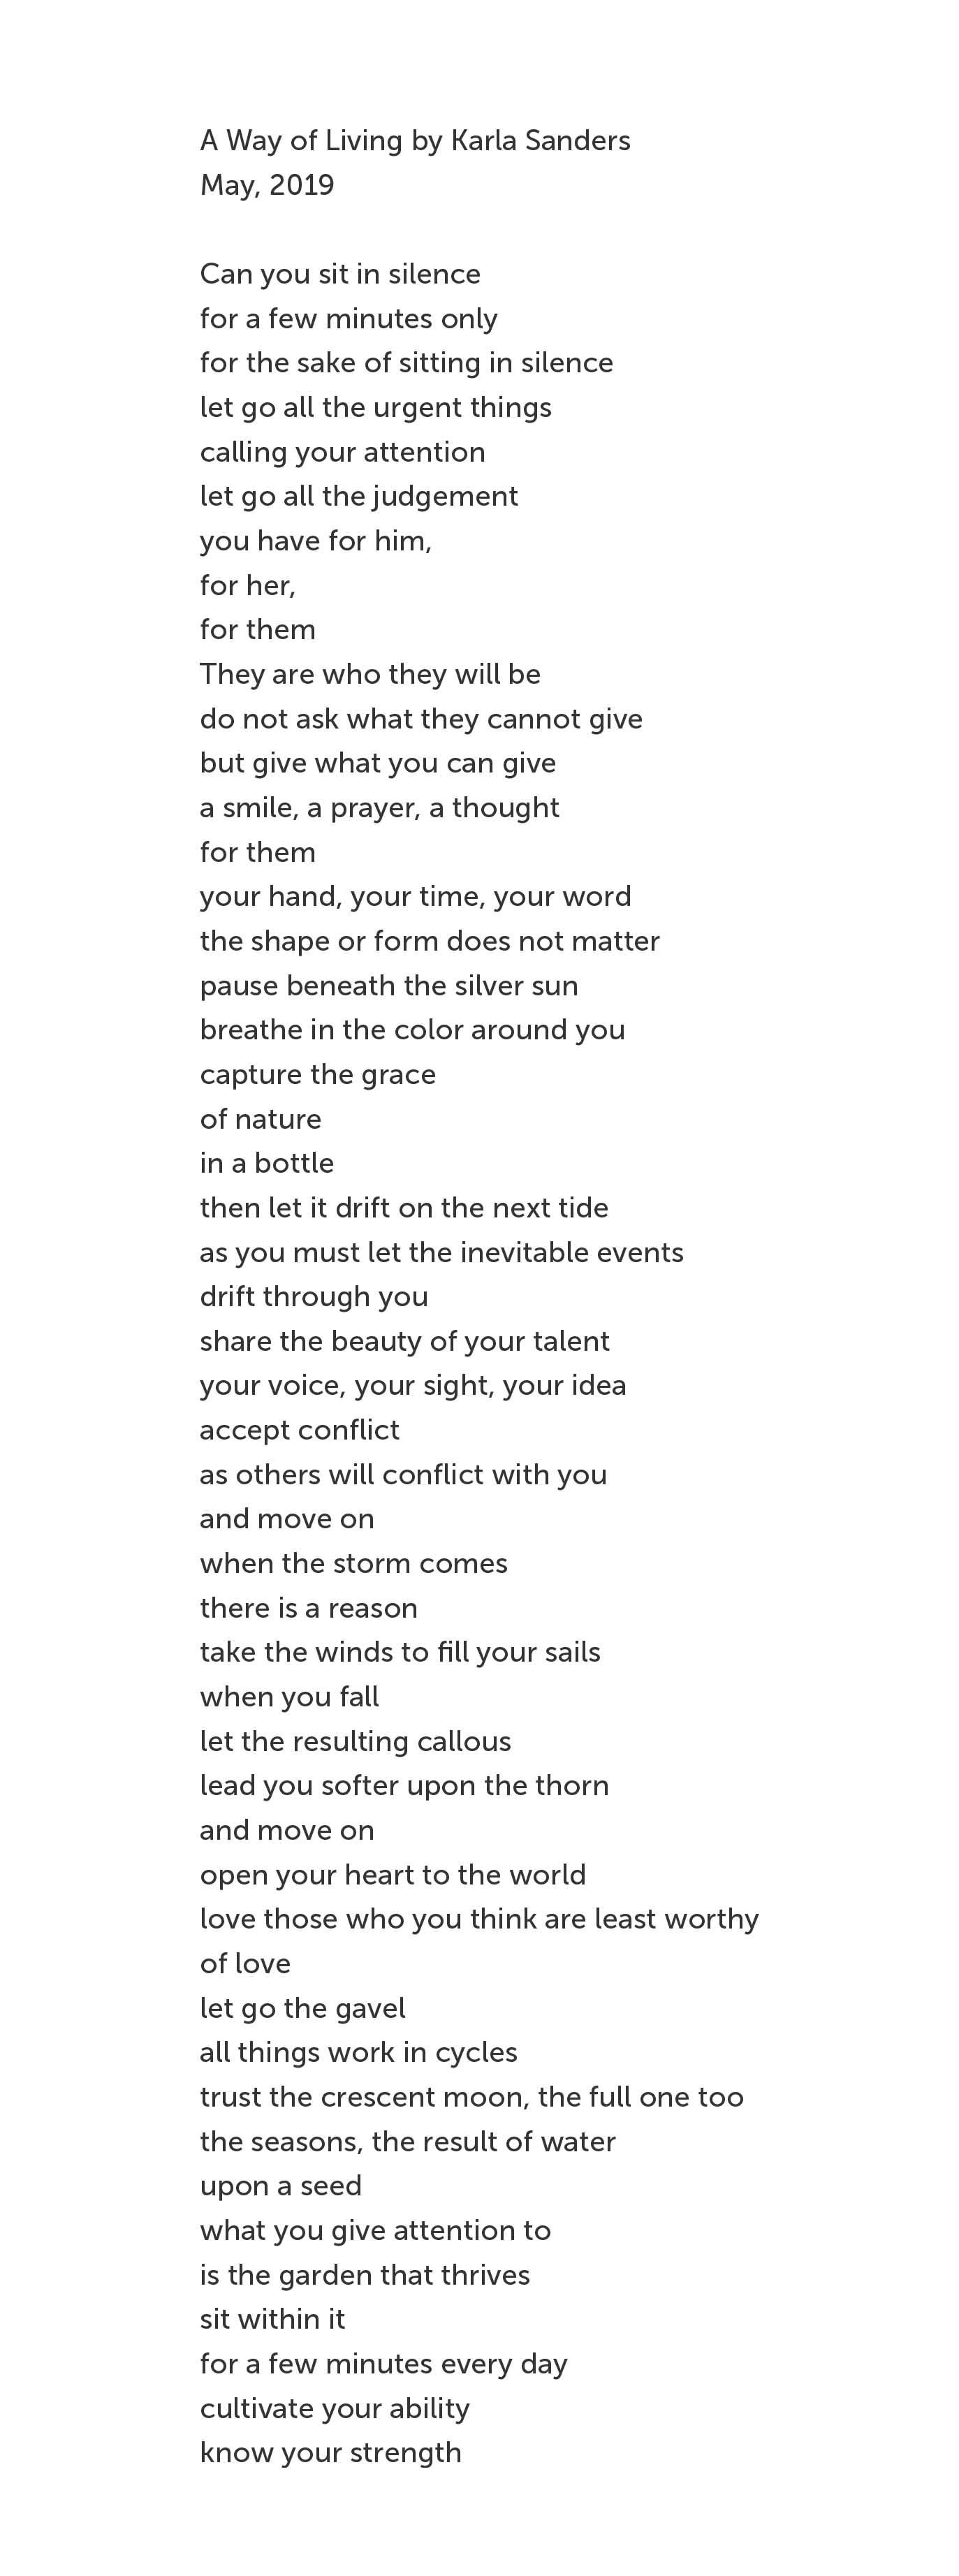 karla_sanders_laws_of_success_flamingo_instagram_poem.jpg